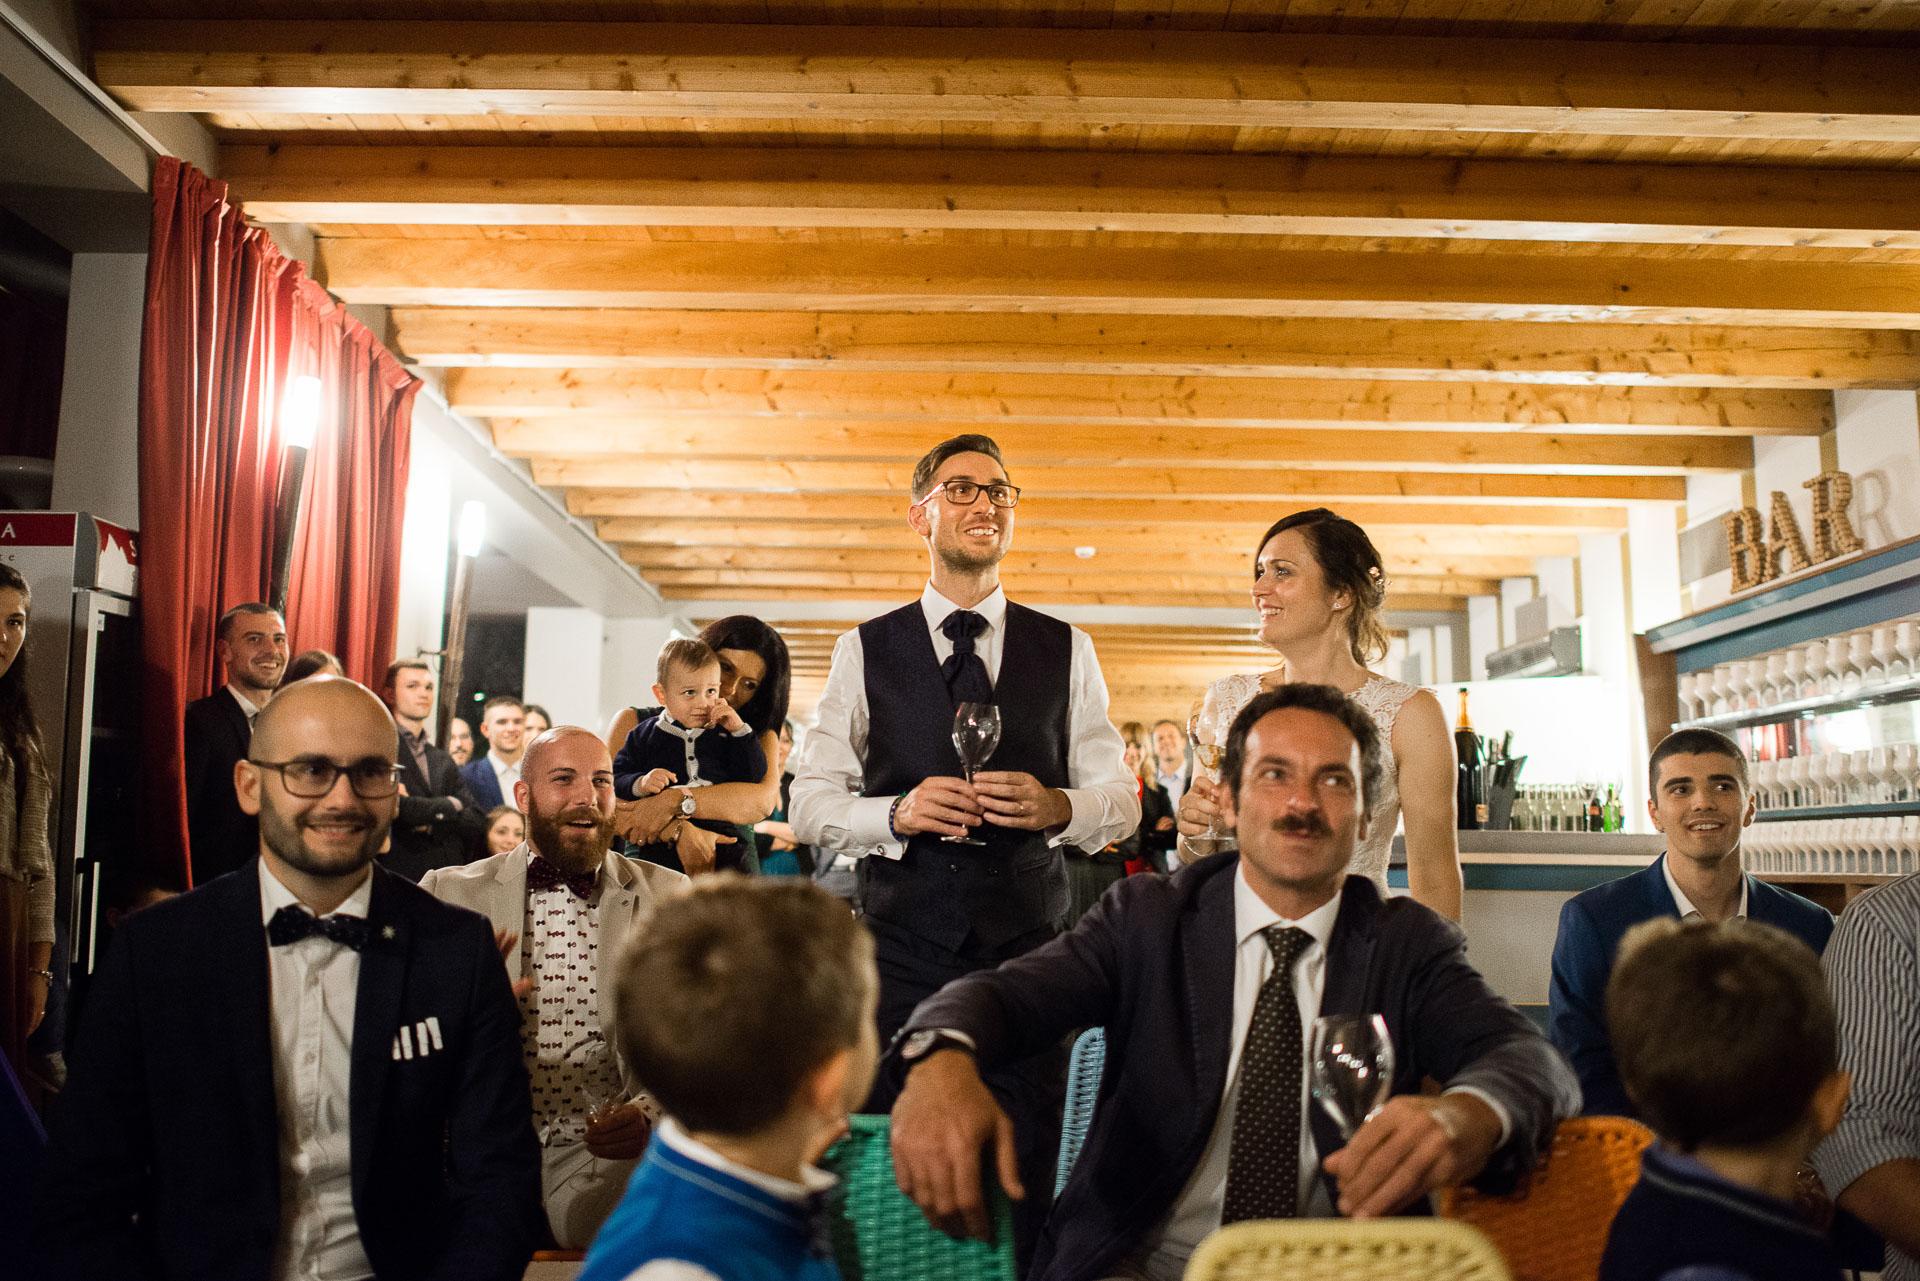 Fotografo di Matrimonio a Bersi Serlini a Provaglio d'Iseo (Bs)